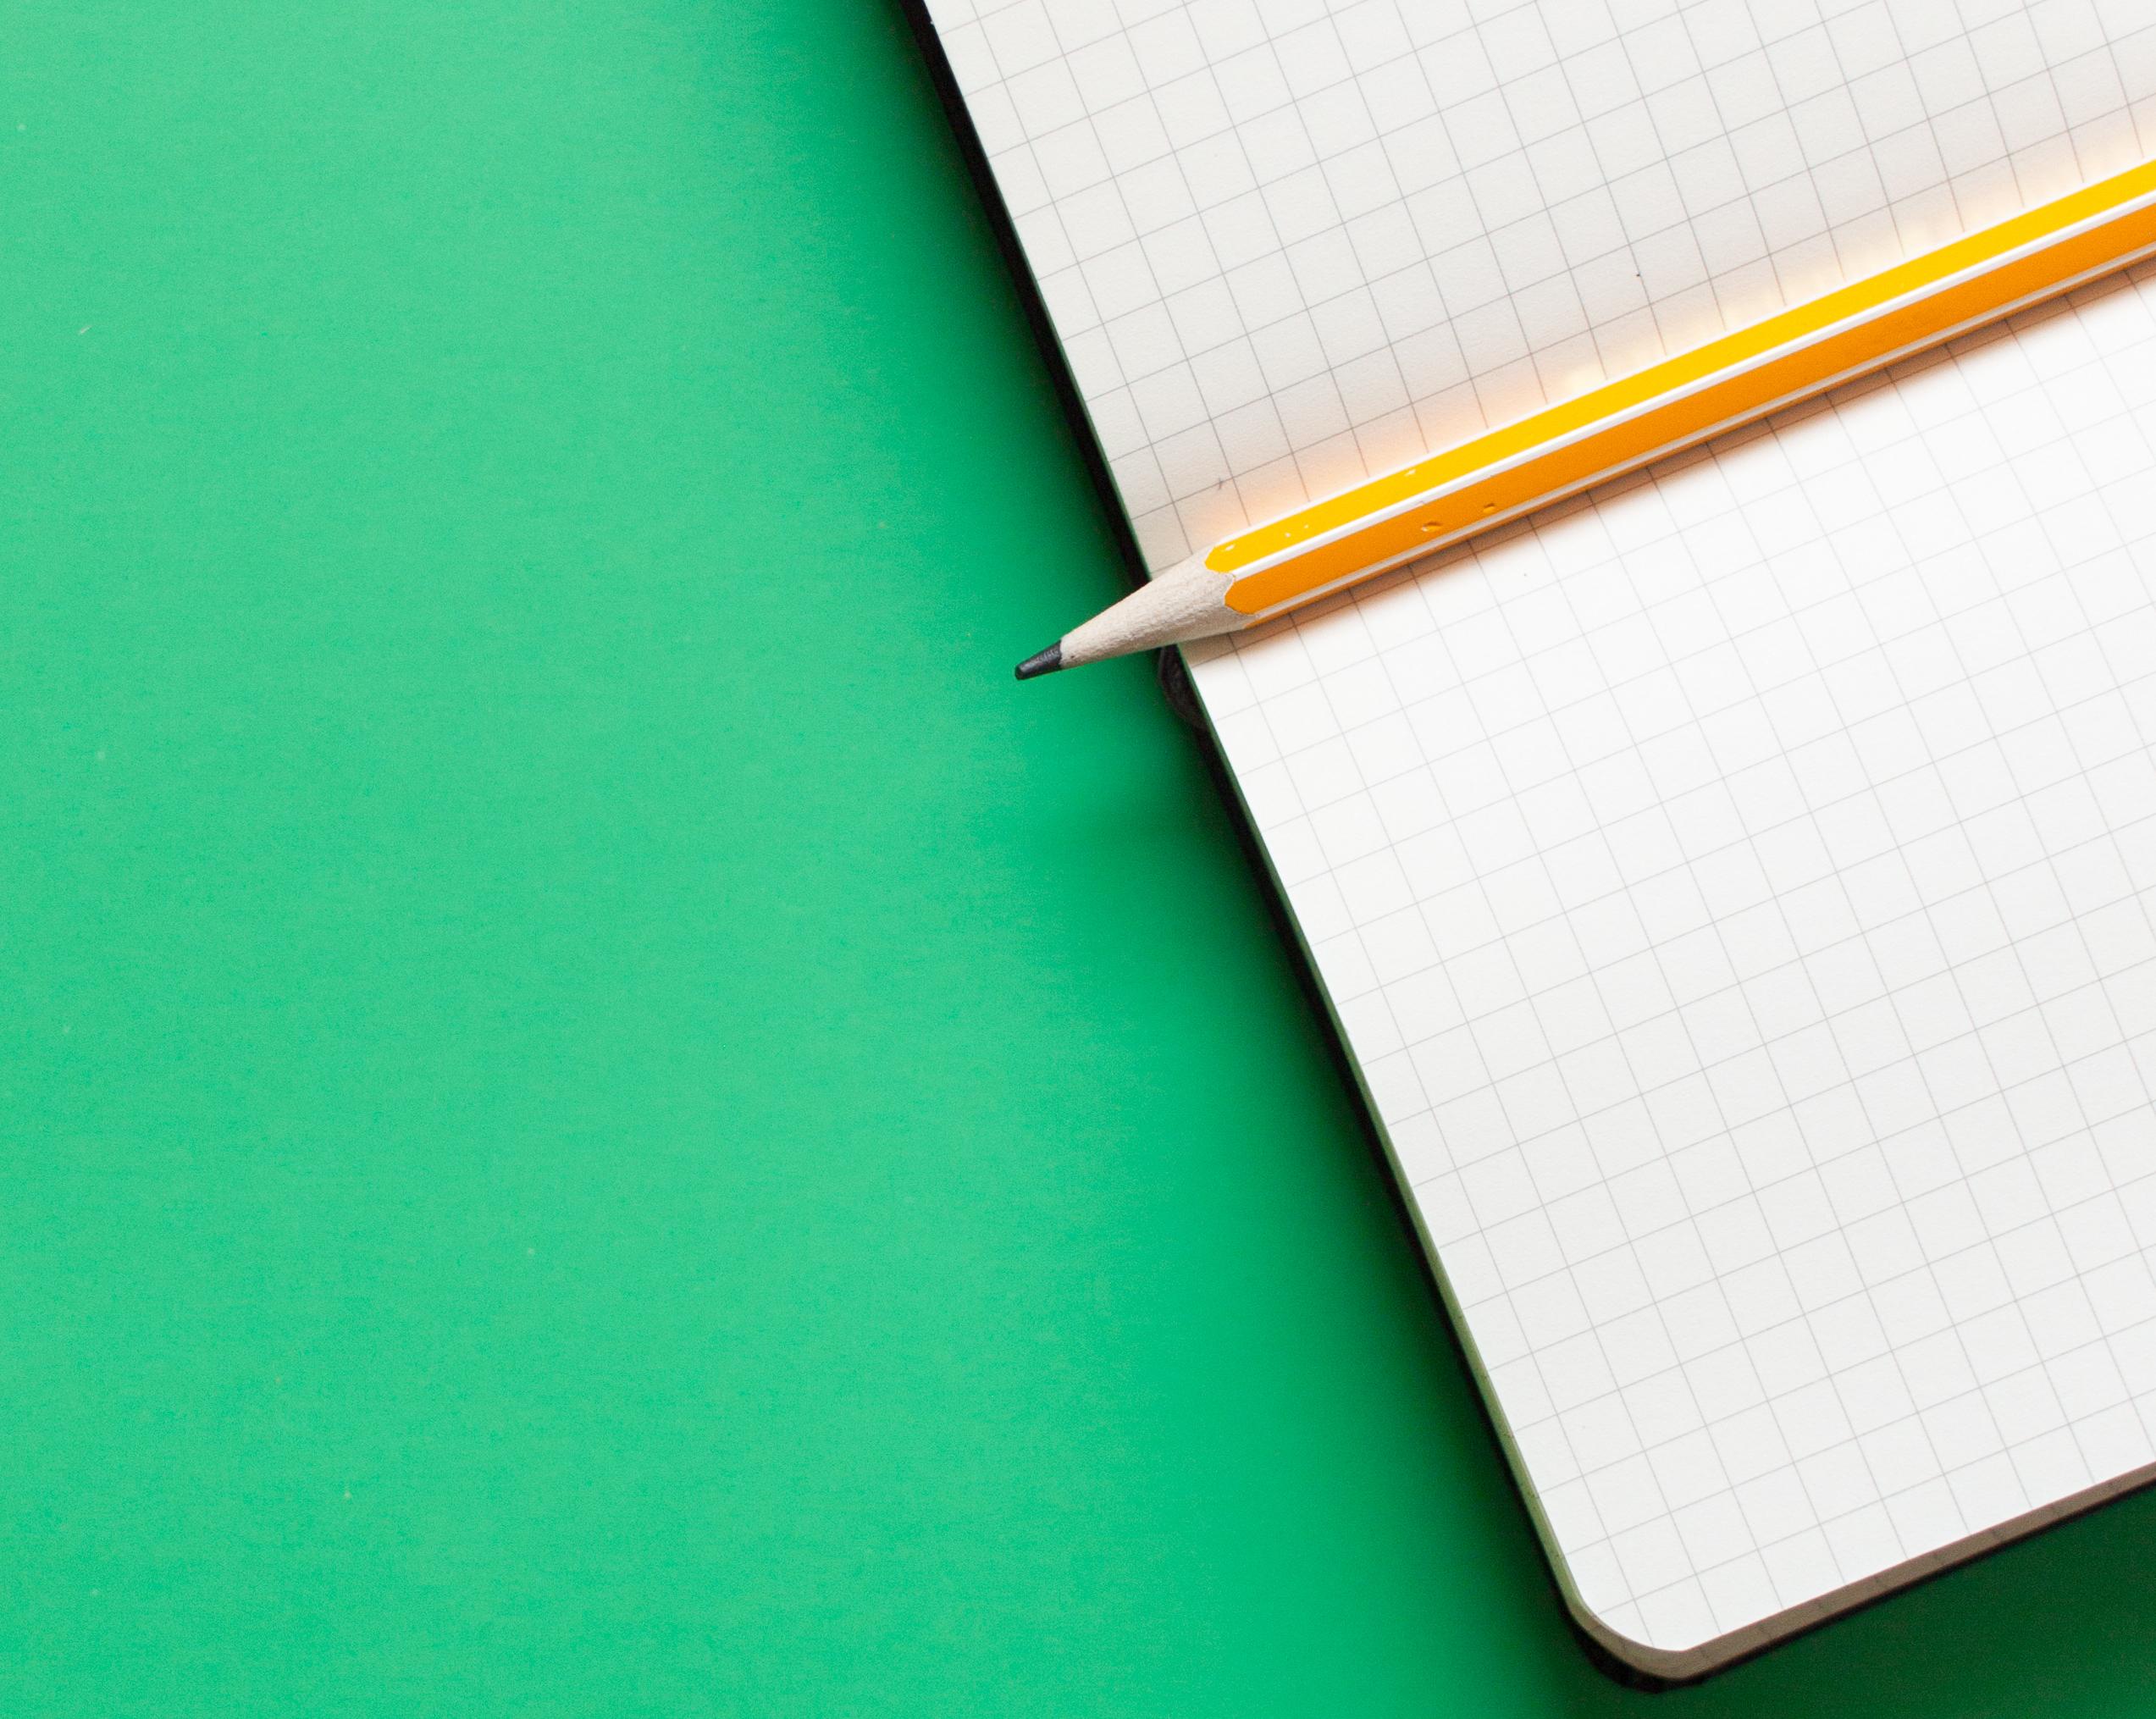 картинка как стать писателем